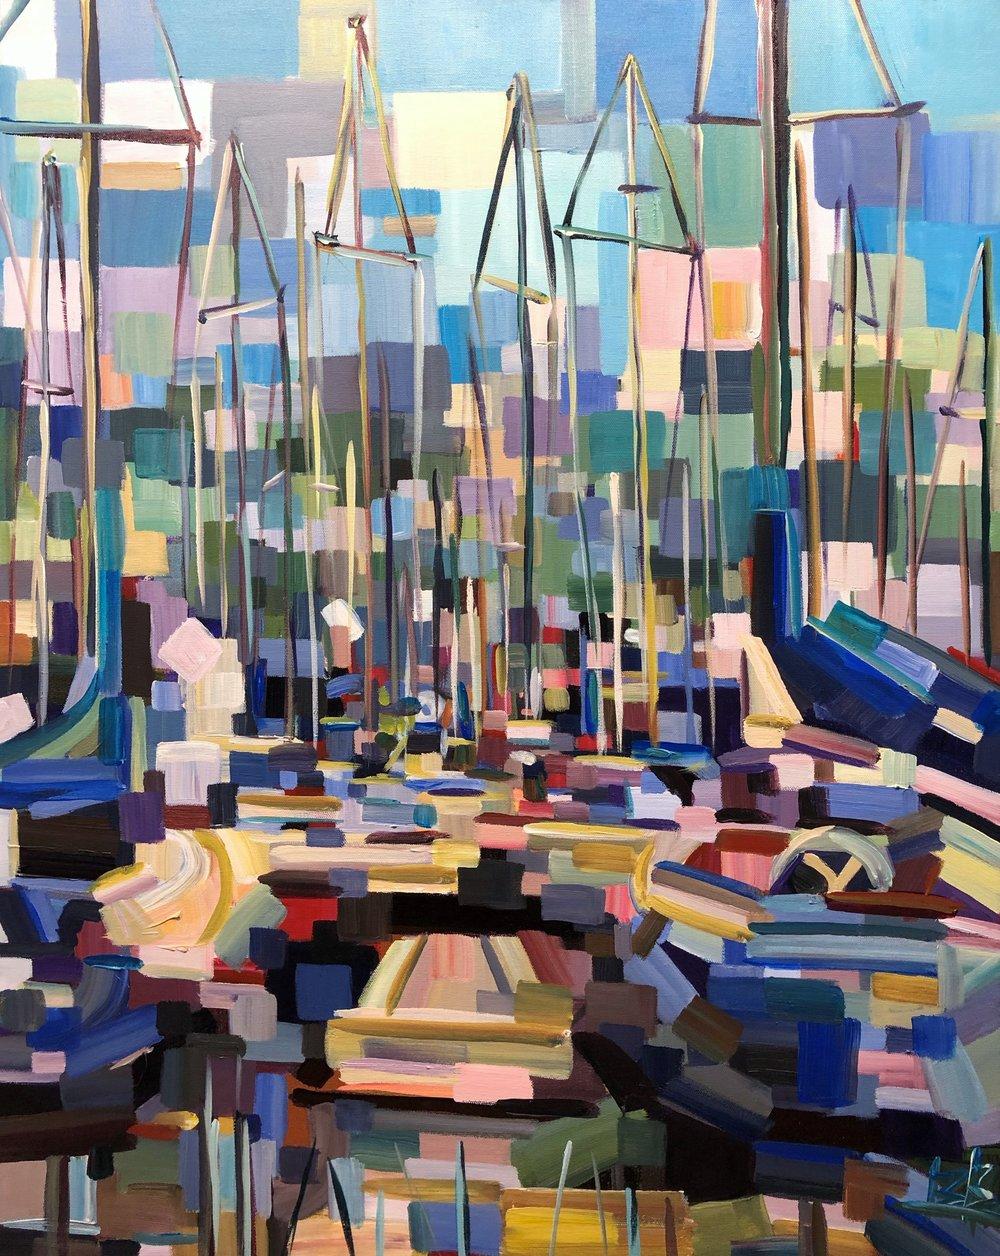 Shilshole Marina  by Brooke Borcherding